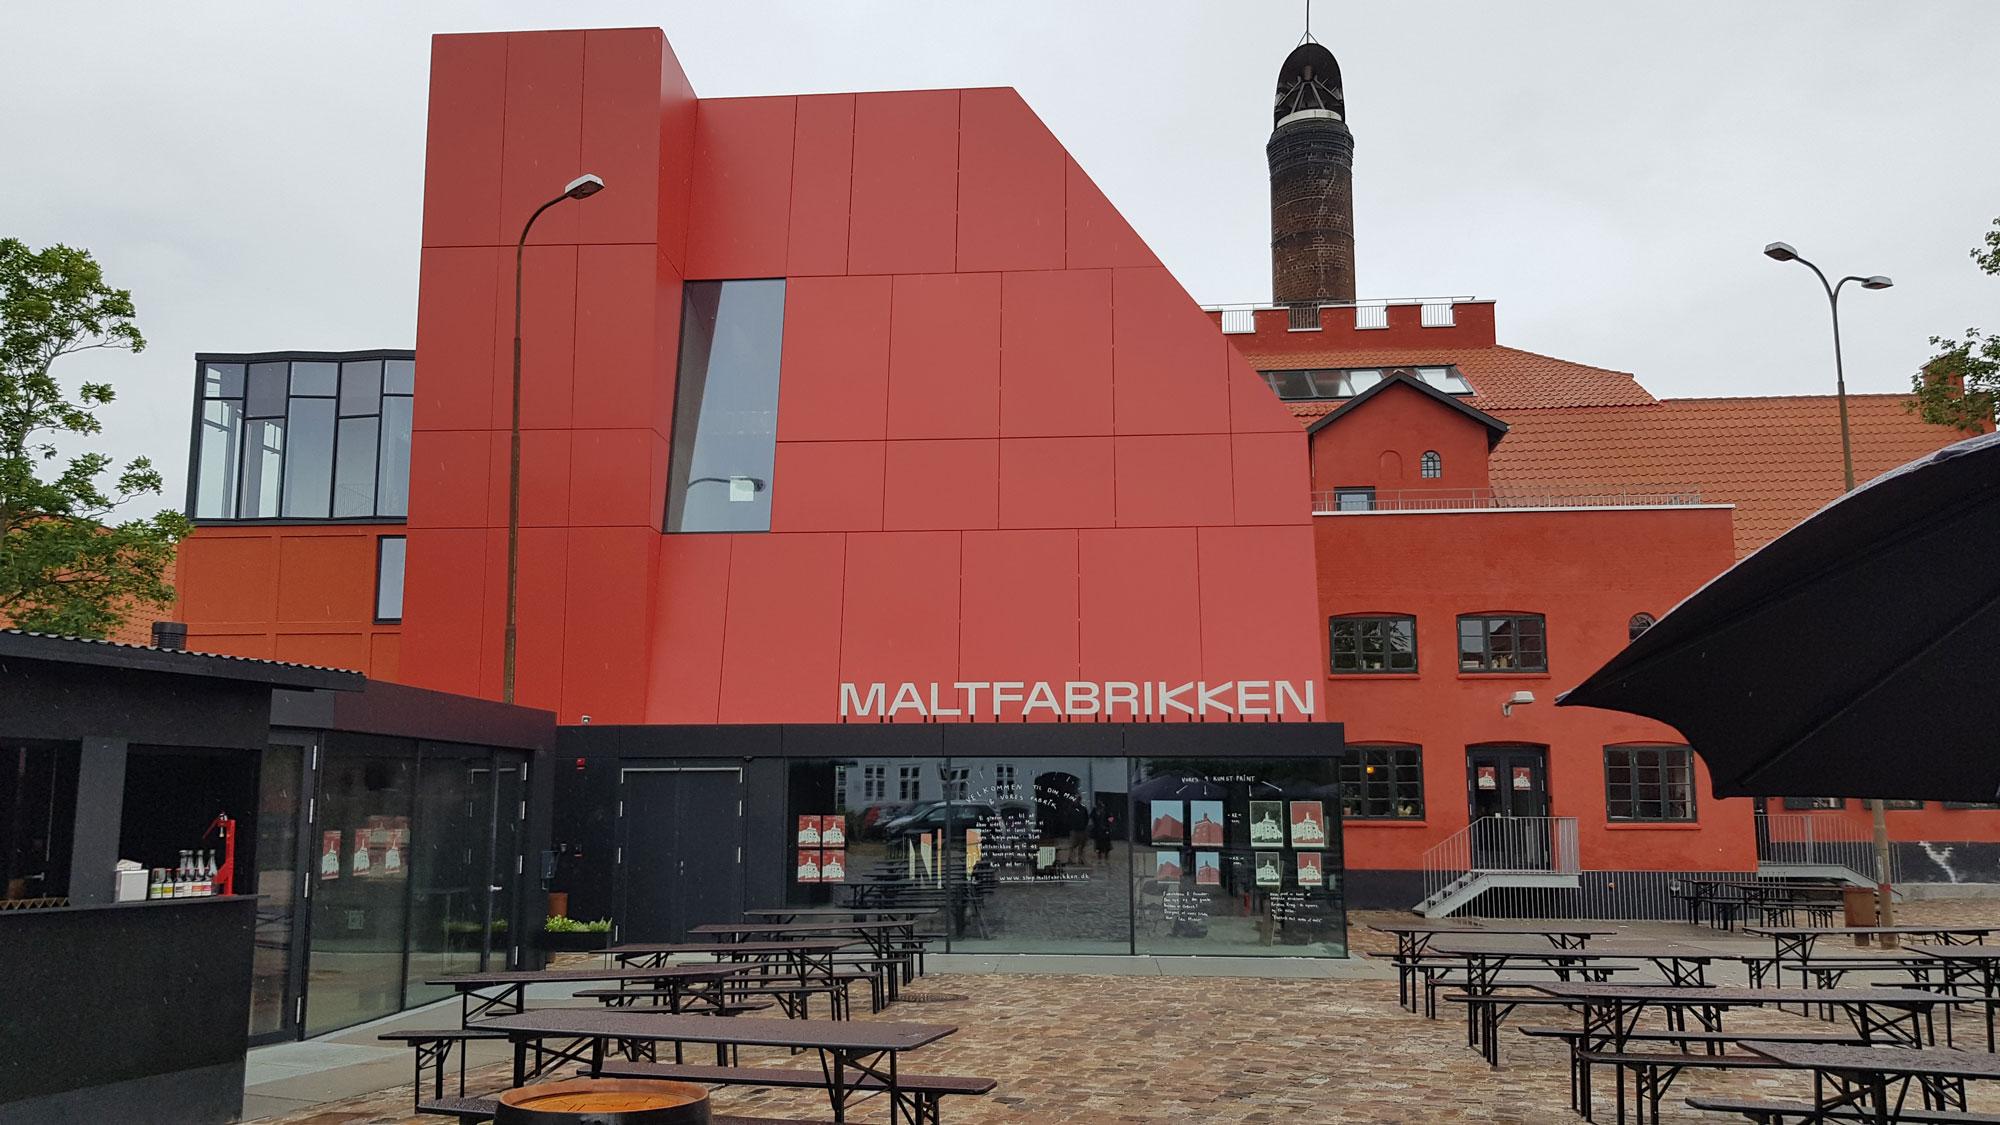 Borde og bænke i forgrunden og røde bygninger i baggrunden, den ene med et skilt på taget, hvorpå der står Maltfabrikken